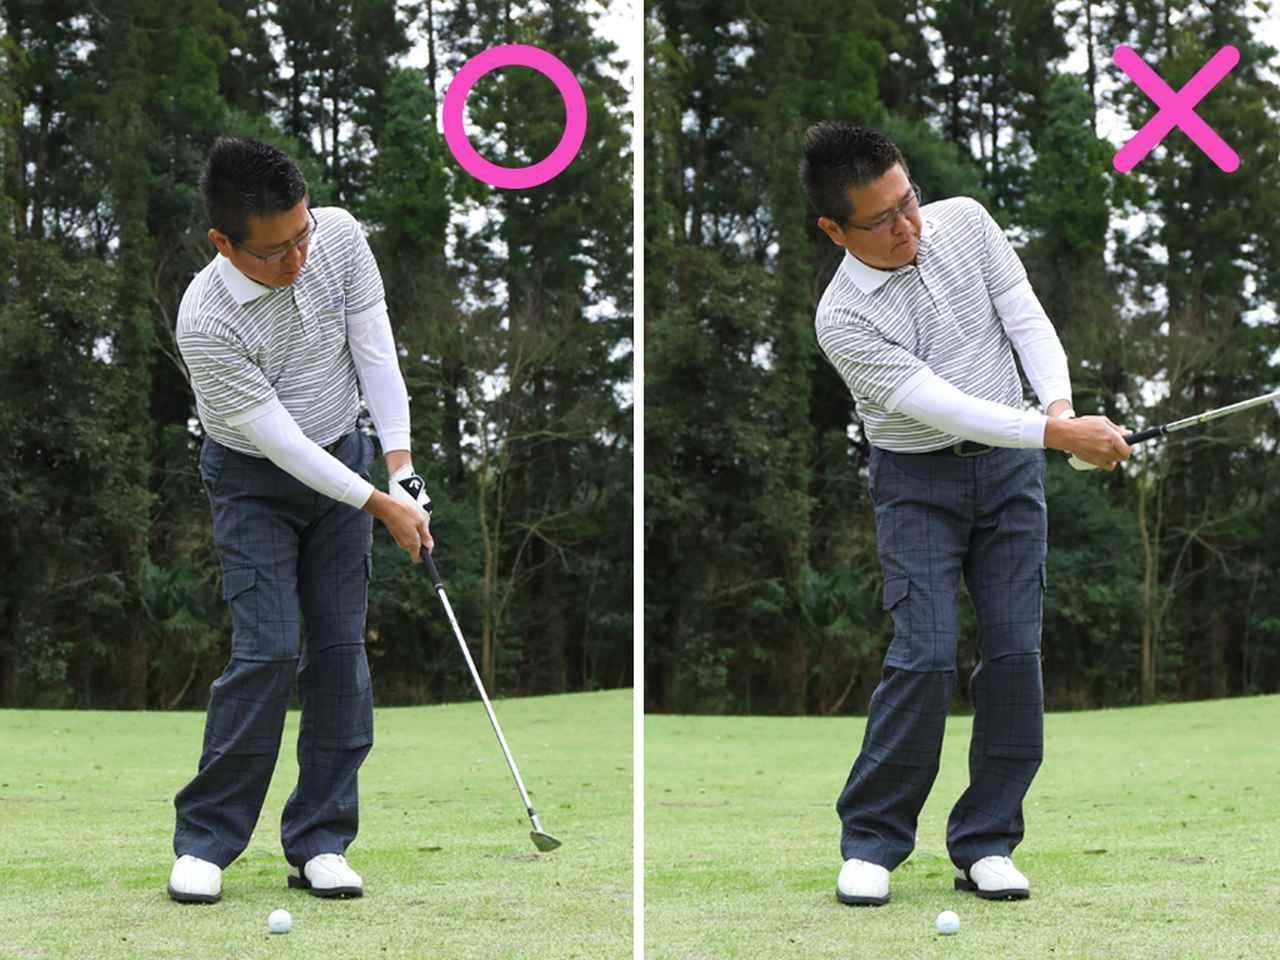 画像: ロフトを増やしながらヘッドを走らせるように打ったフワリとした球では、ボールがフェースの上を滑り、ボールを押し込めないので、インパクトが安定せず、出球を揃えるのが難しい